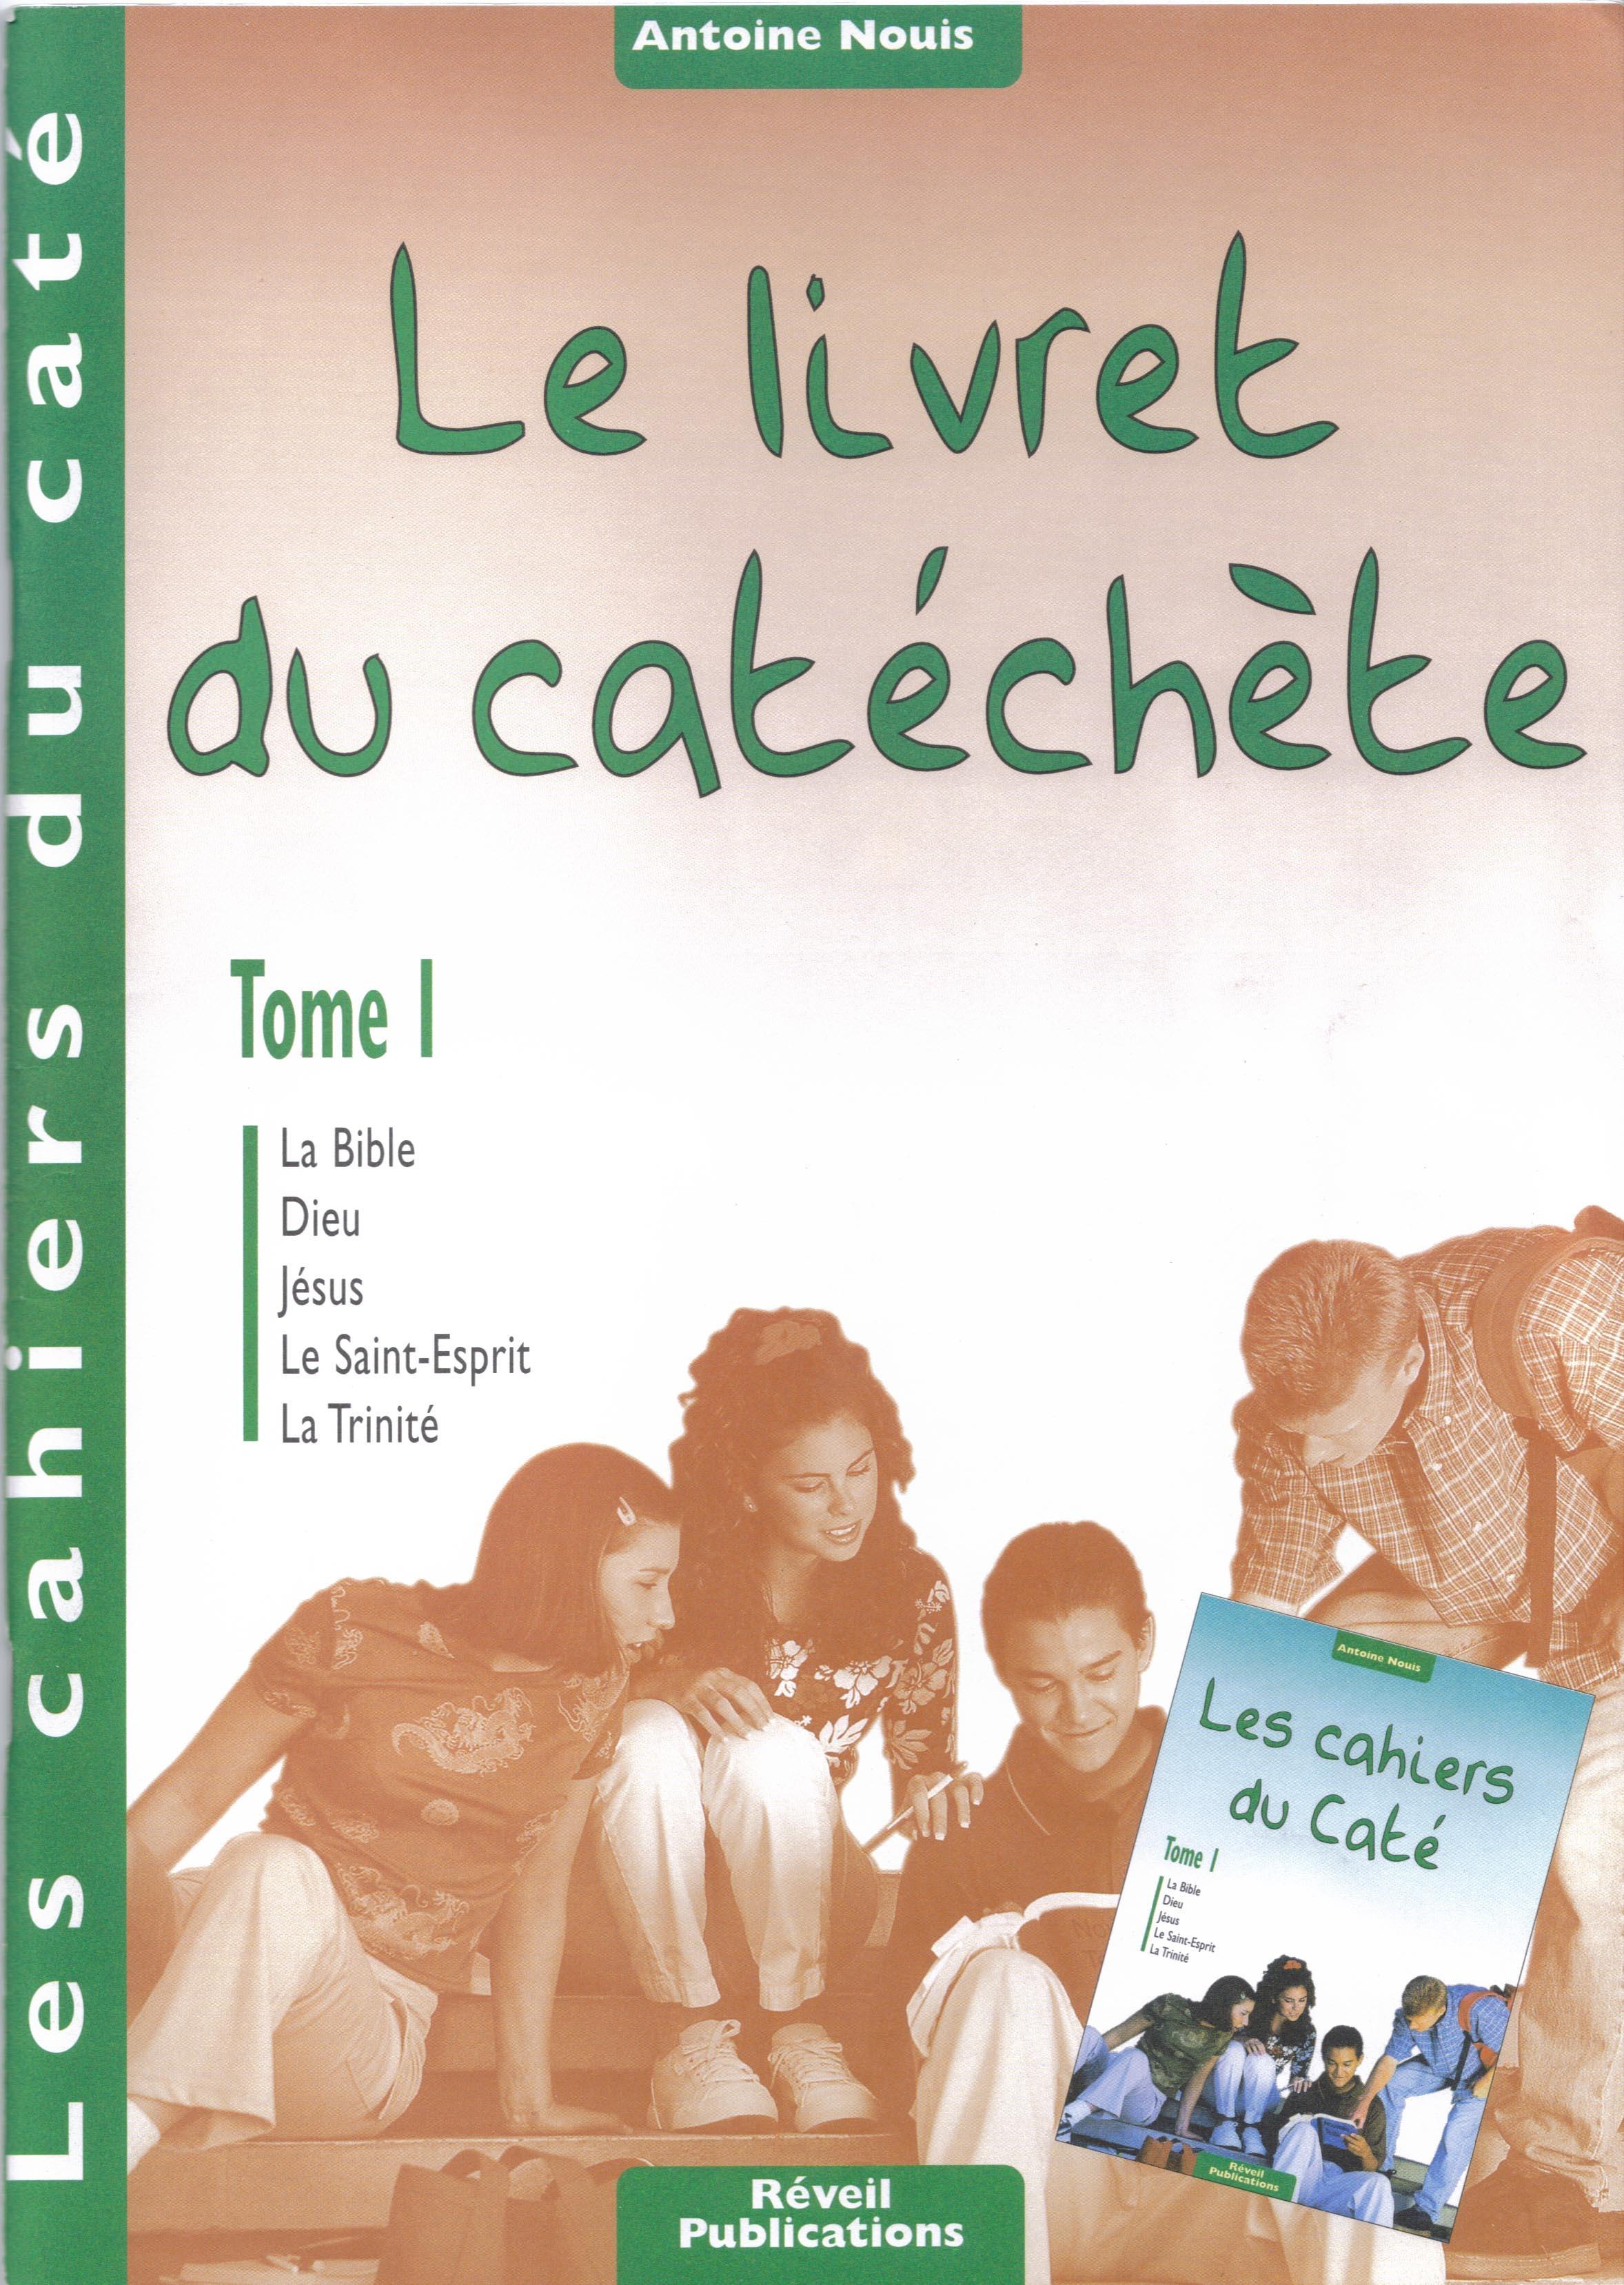 CAHIERS DU CATE - LE LIVRET DU CATECHETE - TOME 1